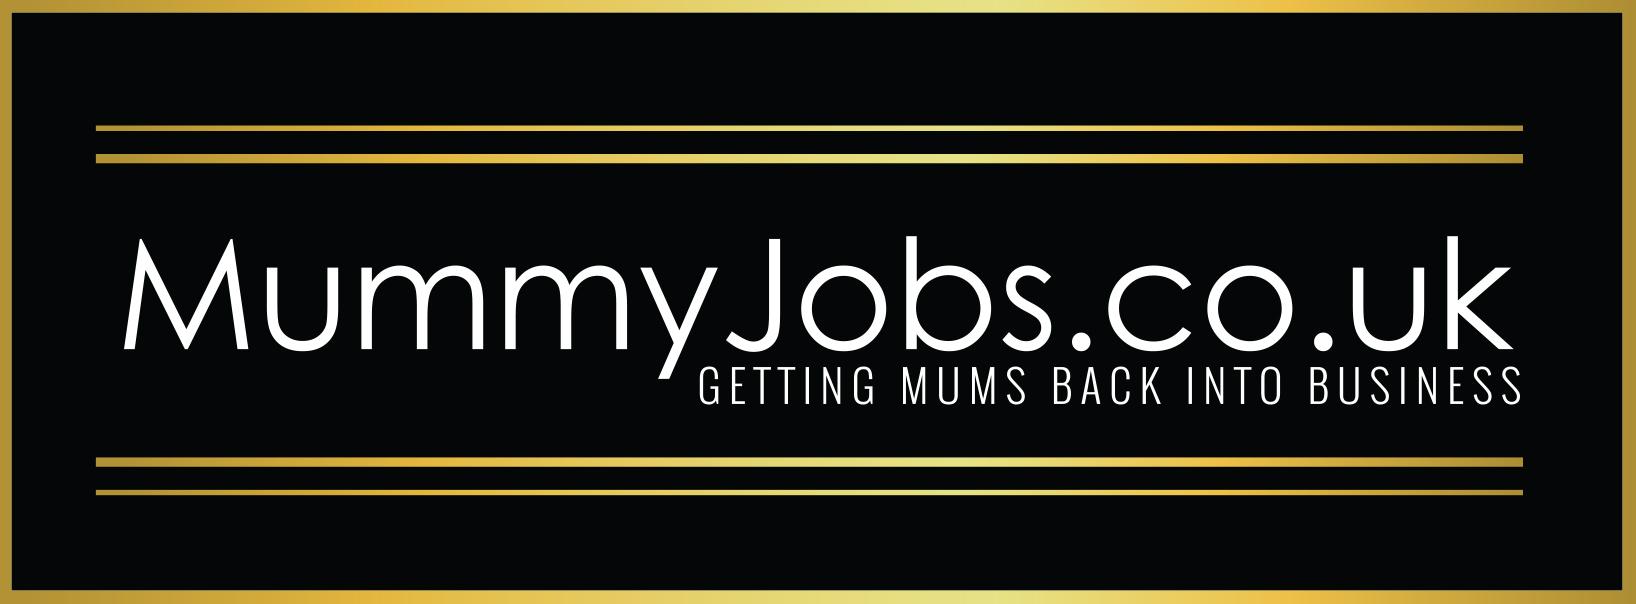 Mummyjobs.co.uk